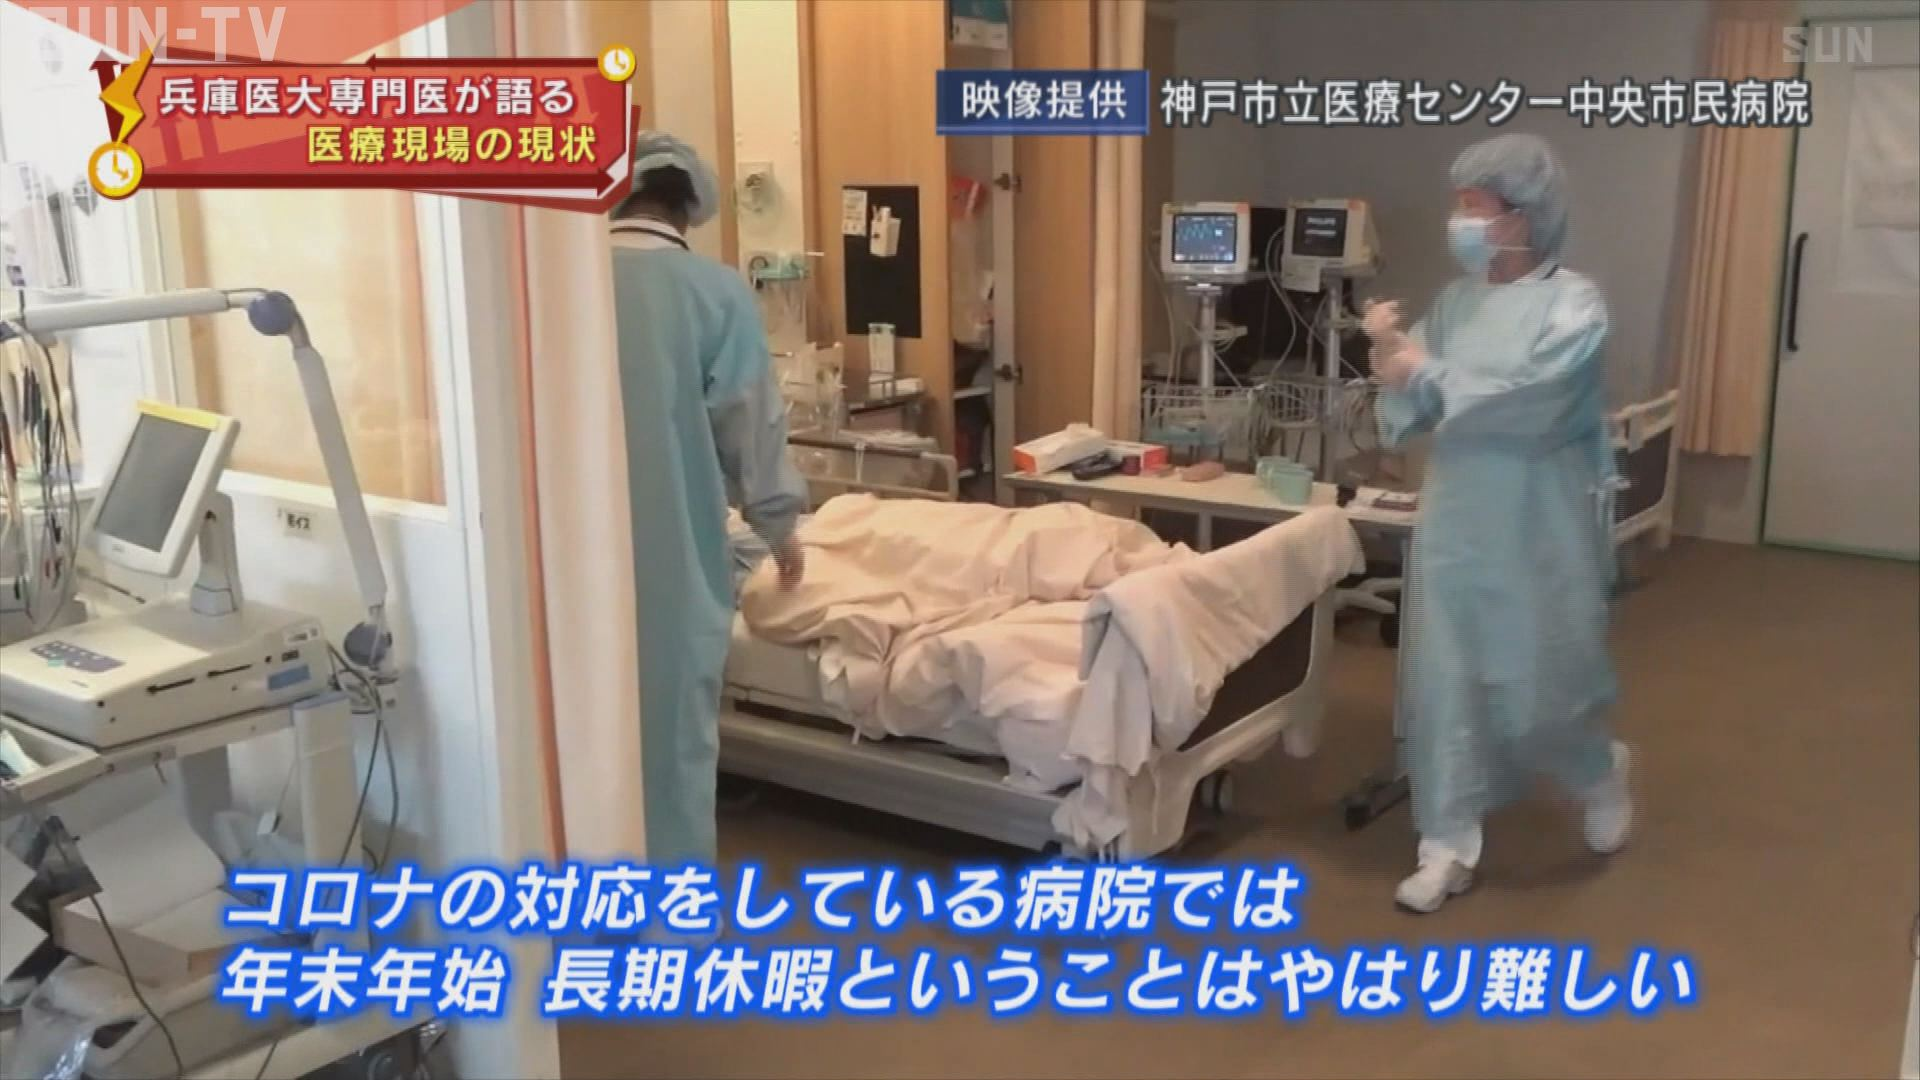 現場 コロナ 医療